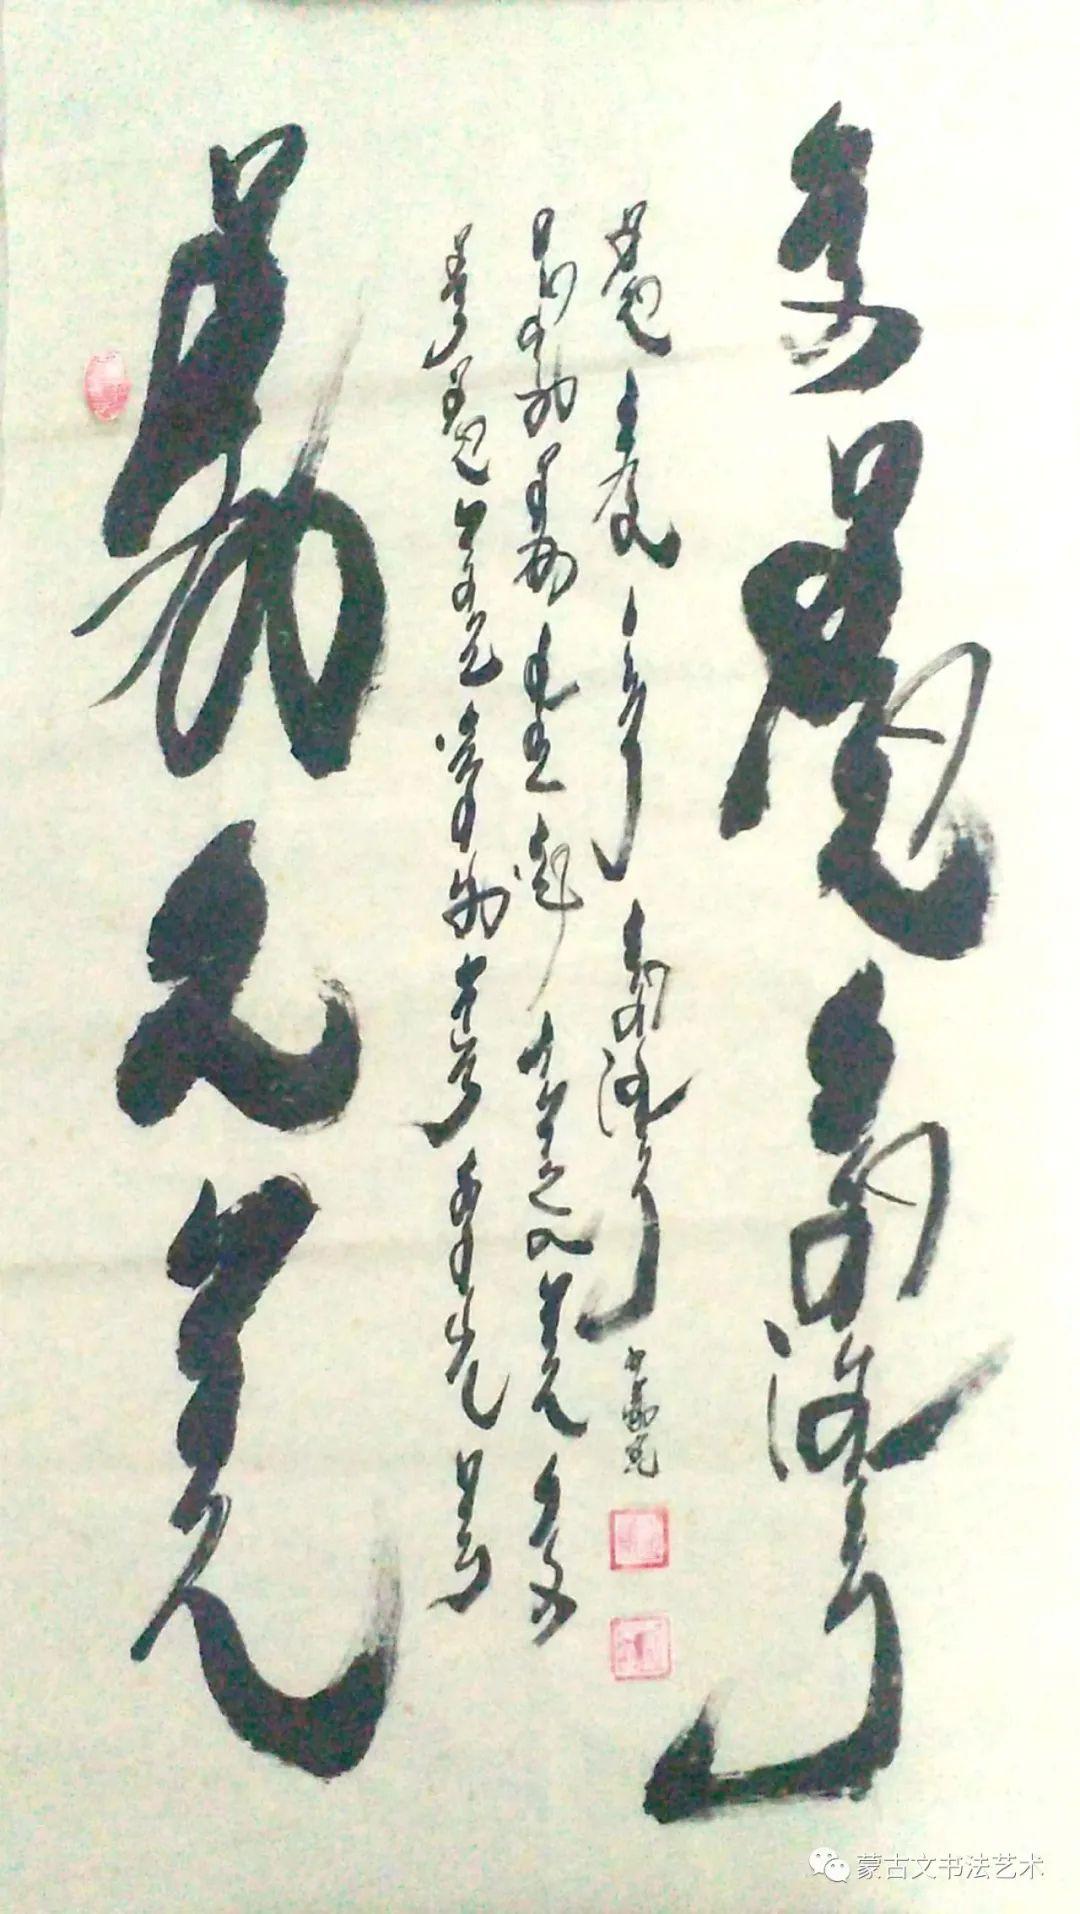 付晓花蒙古文书法 第9张 付晓花蒙古文书法 蒙古书法